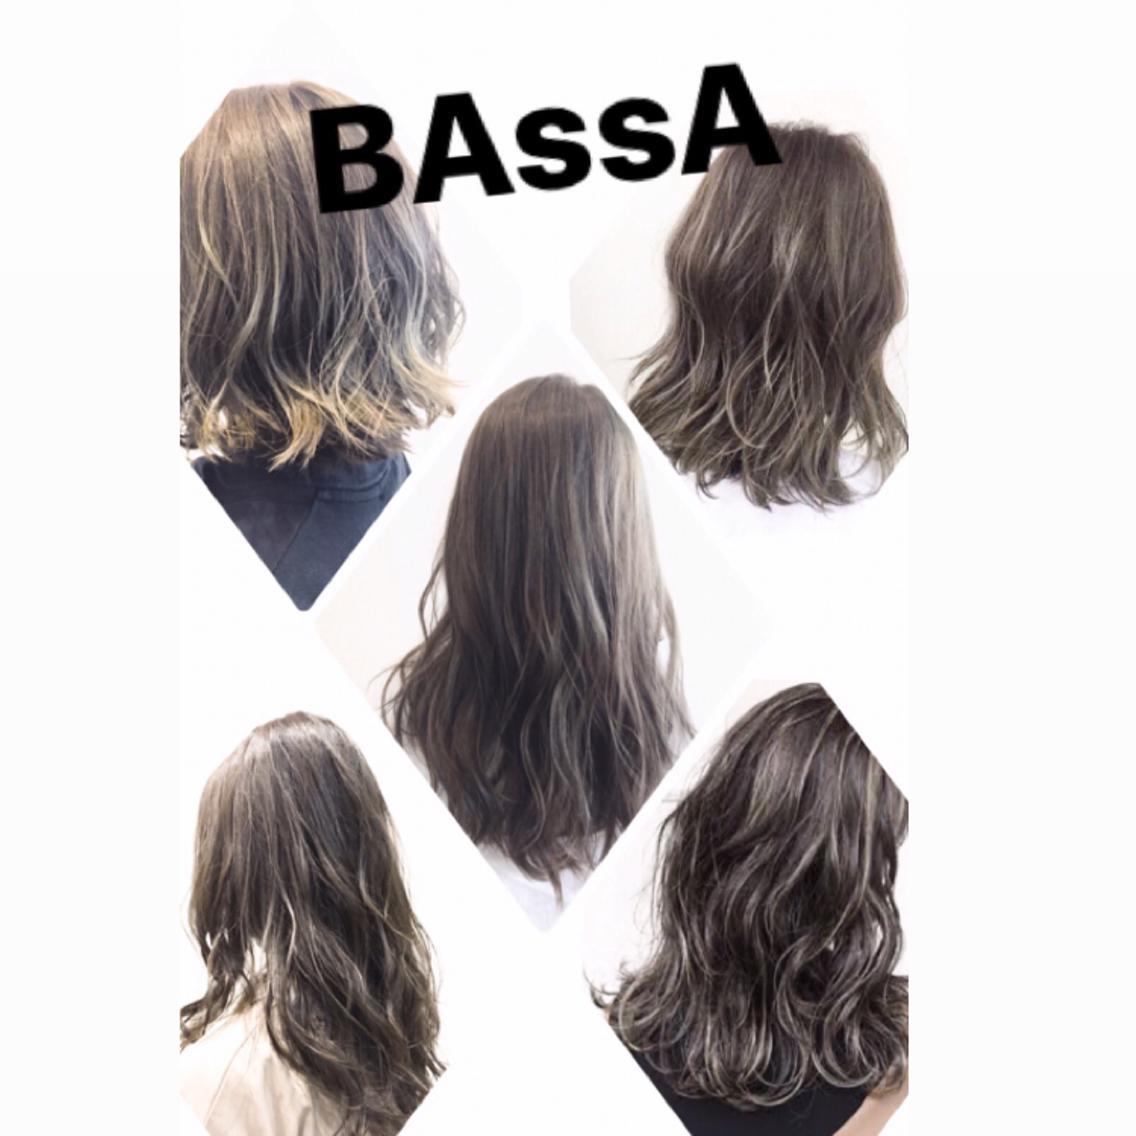 BASSA(バサ)東大和店所属・根岸 拓馬の掲載